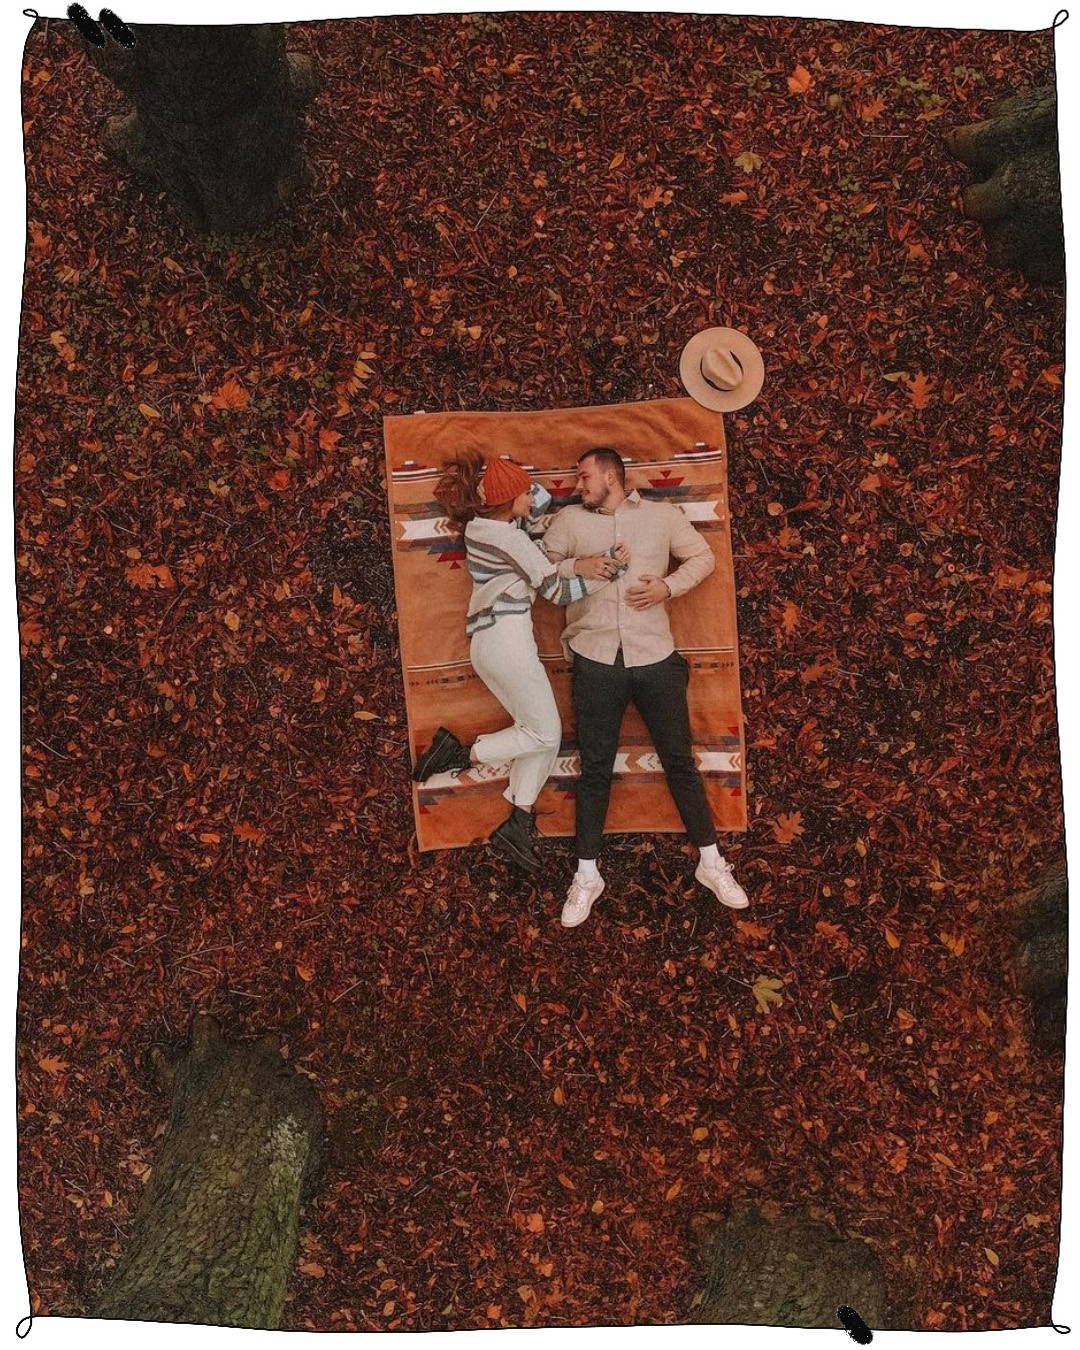 Ana Johnson und Tim Johnson liegen auf dem Waldboden. Drohnenshot.